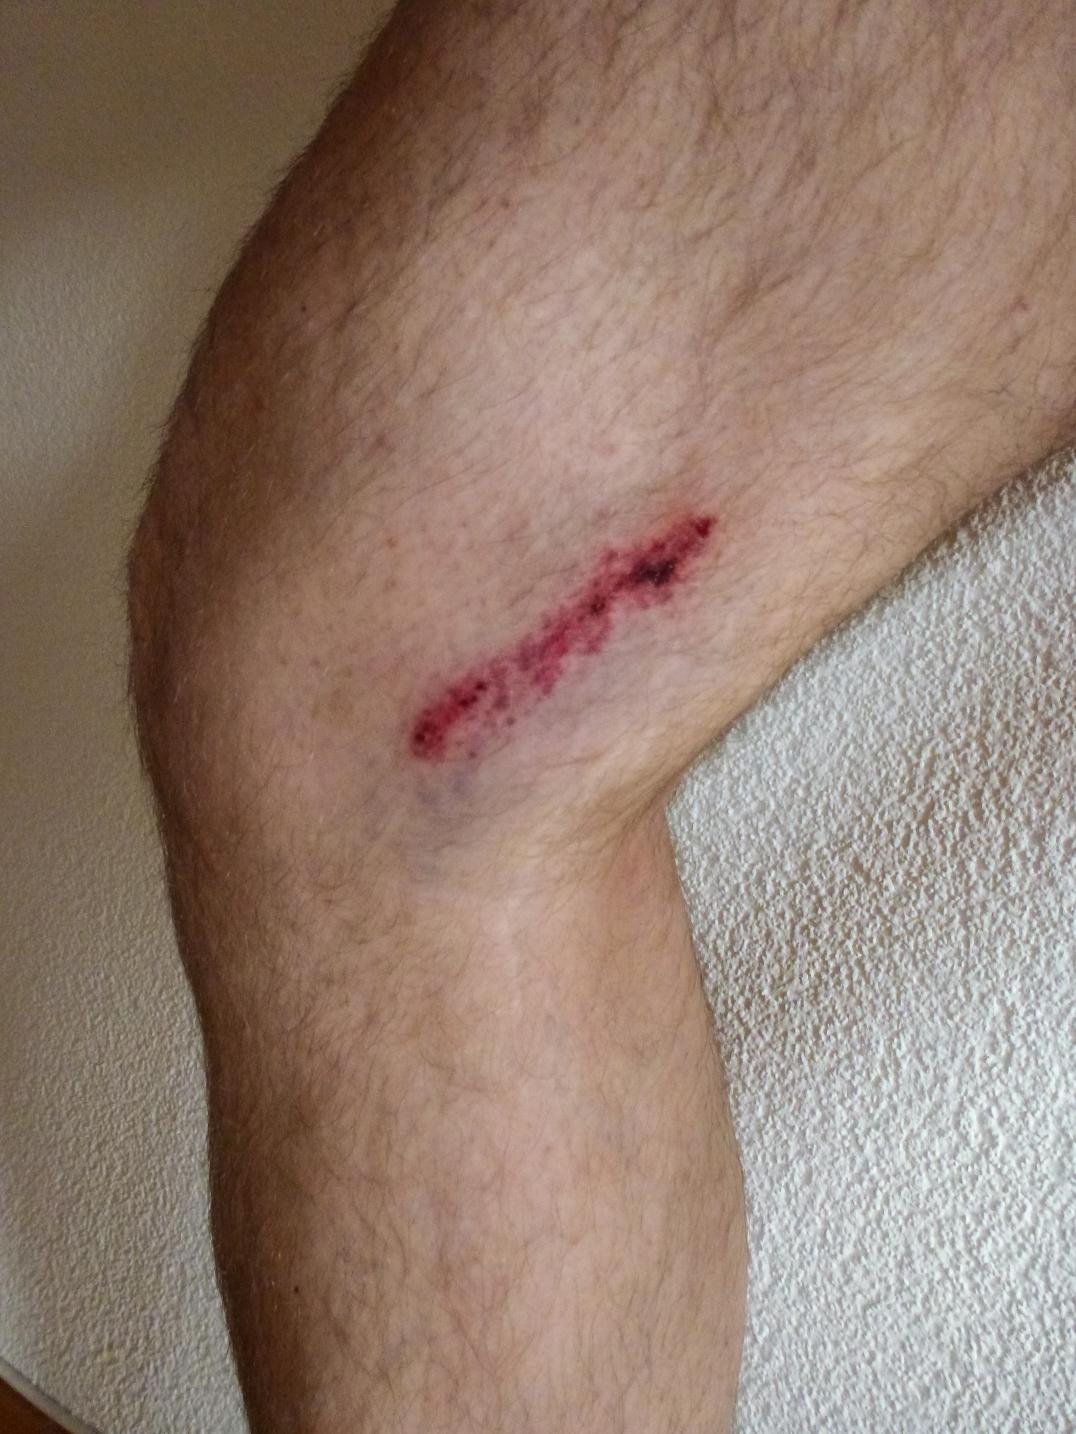 Mein Bein, nachdem ich in einen Steinschlag geraten bin.